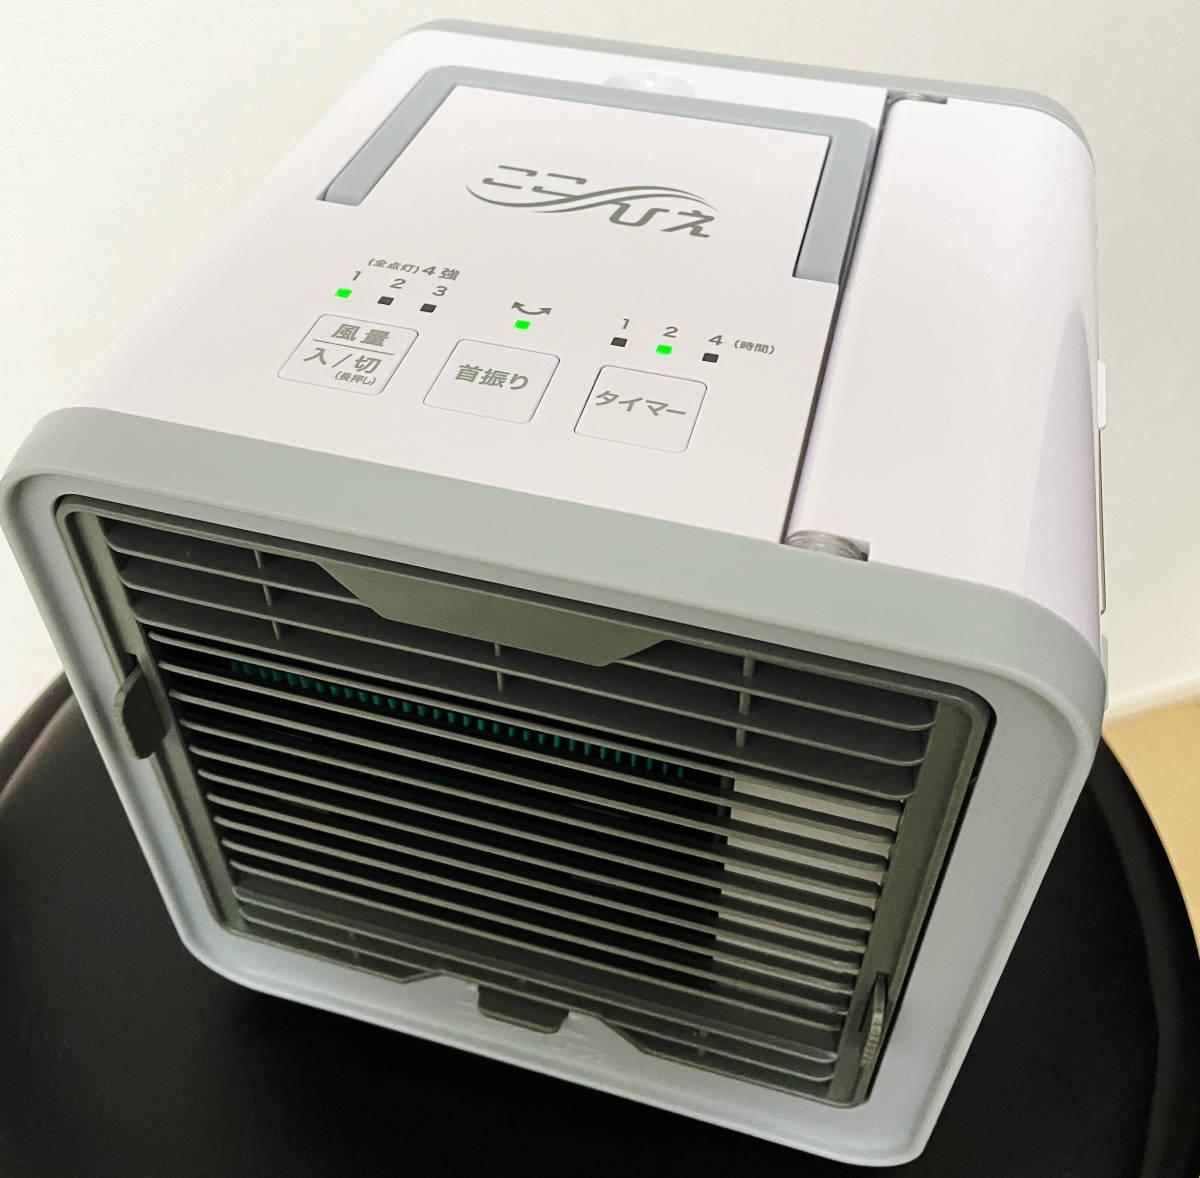 ここひえR3 ショップジャパン公式 卓上扇風機 パーソナルクーラー 冷風扇 冷風機 卓上クーラー FN006380